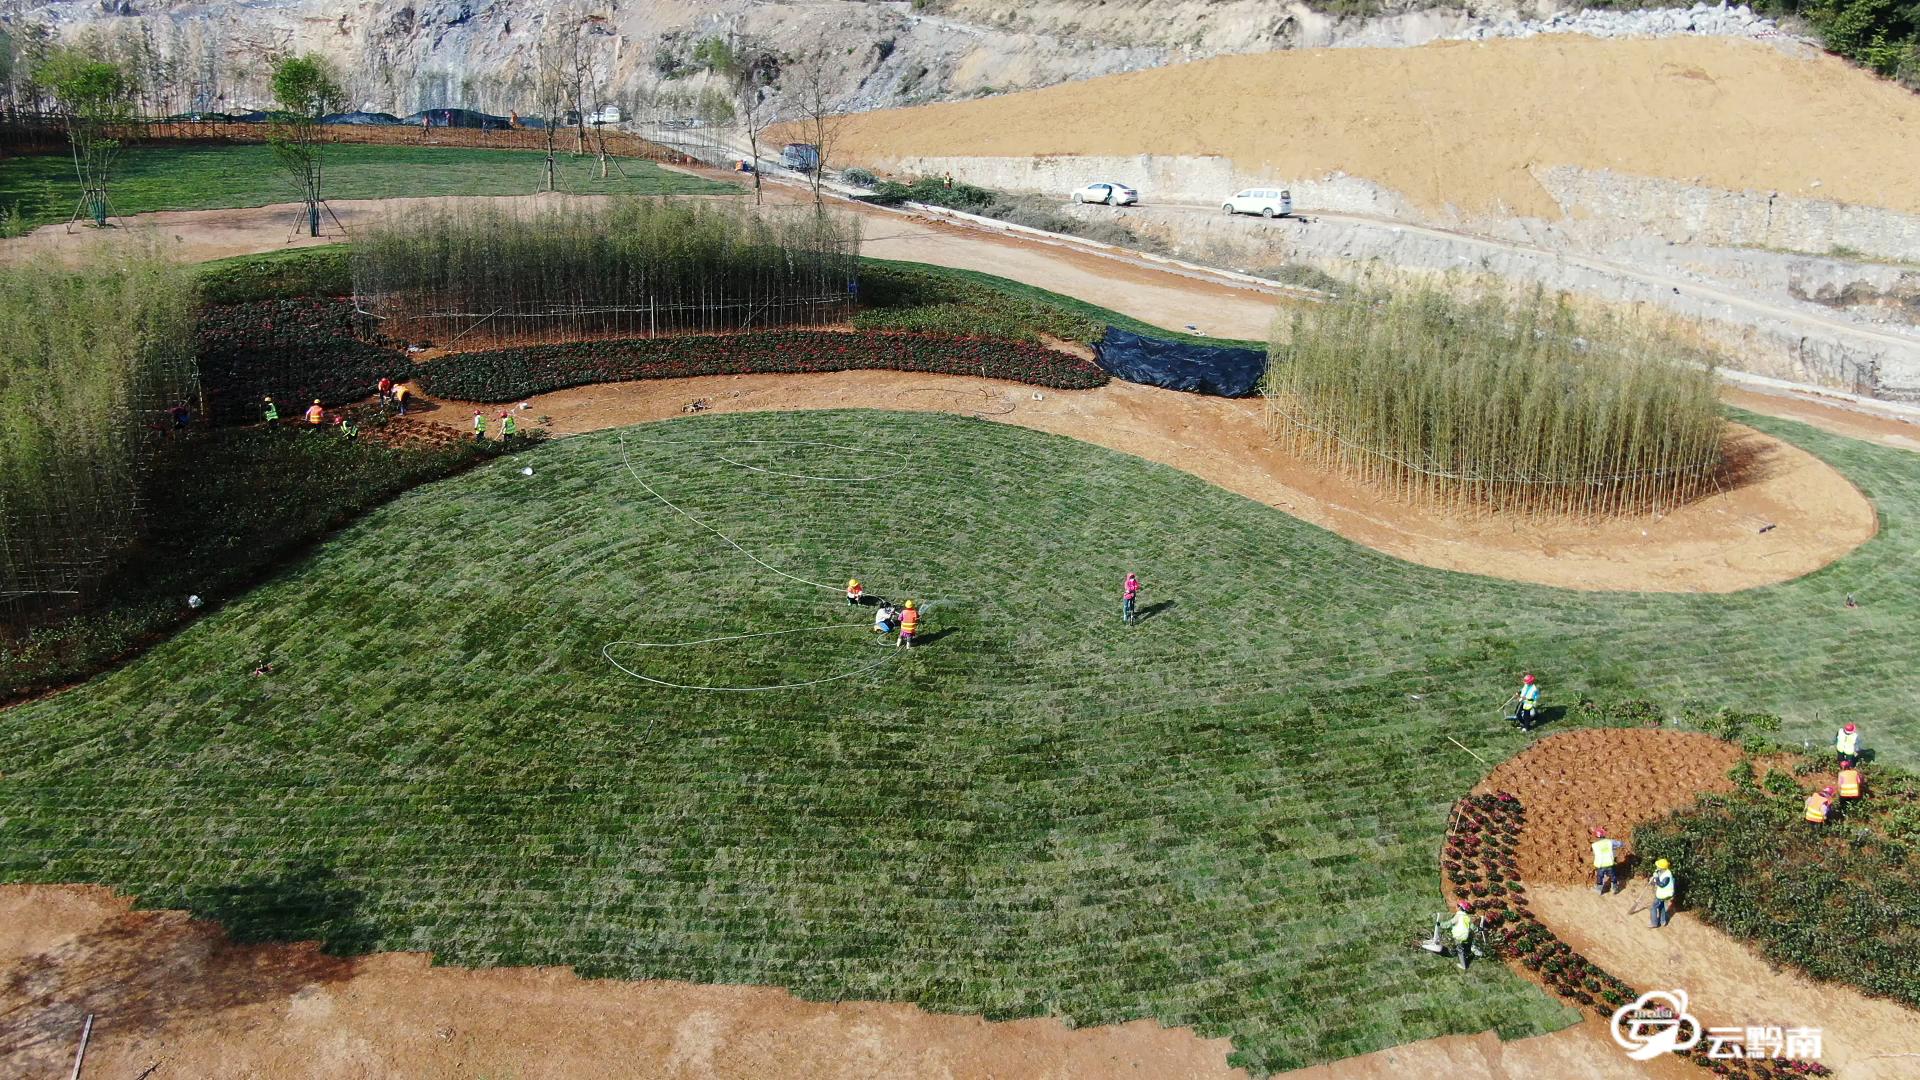 【綠博園建設進行時】綠博園景觀工程已完成85%